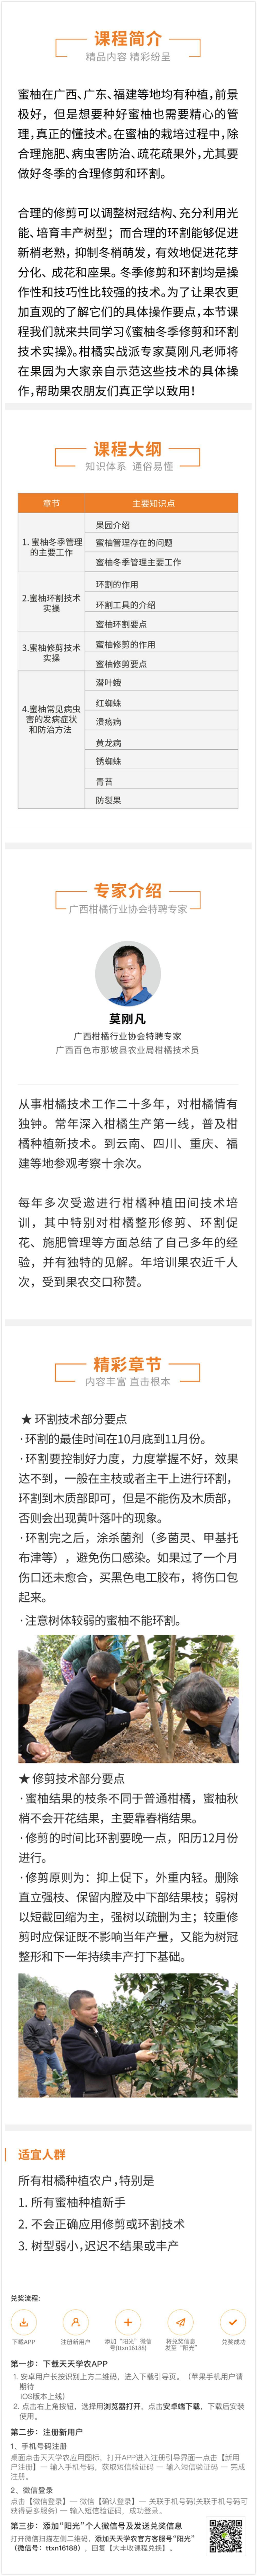 蜜柚冬季修剪和环割技术实操课程(1).jpg